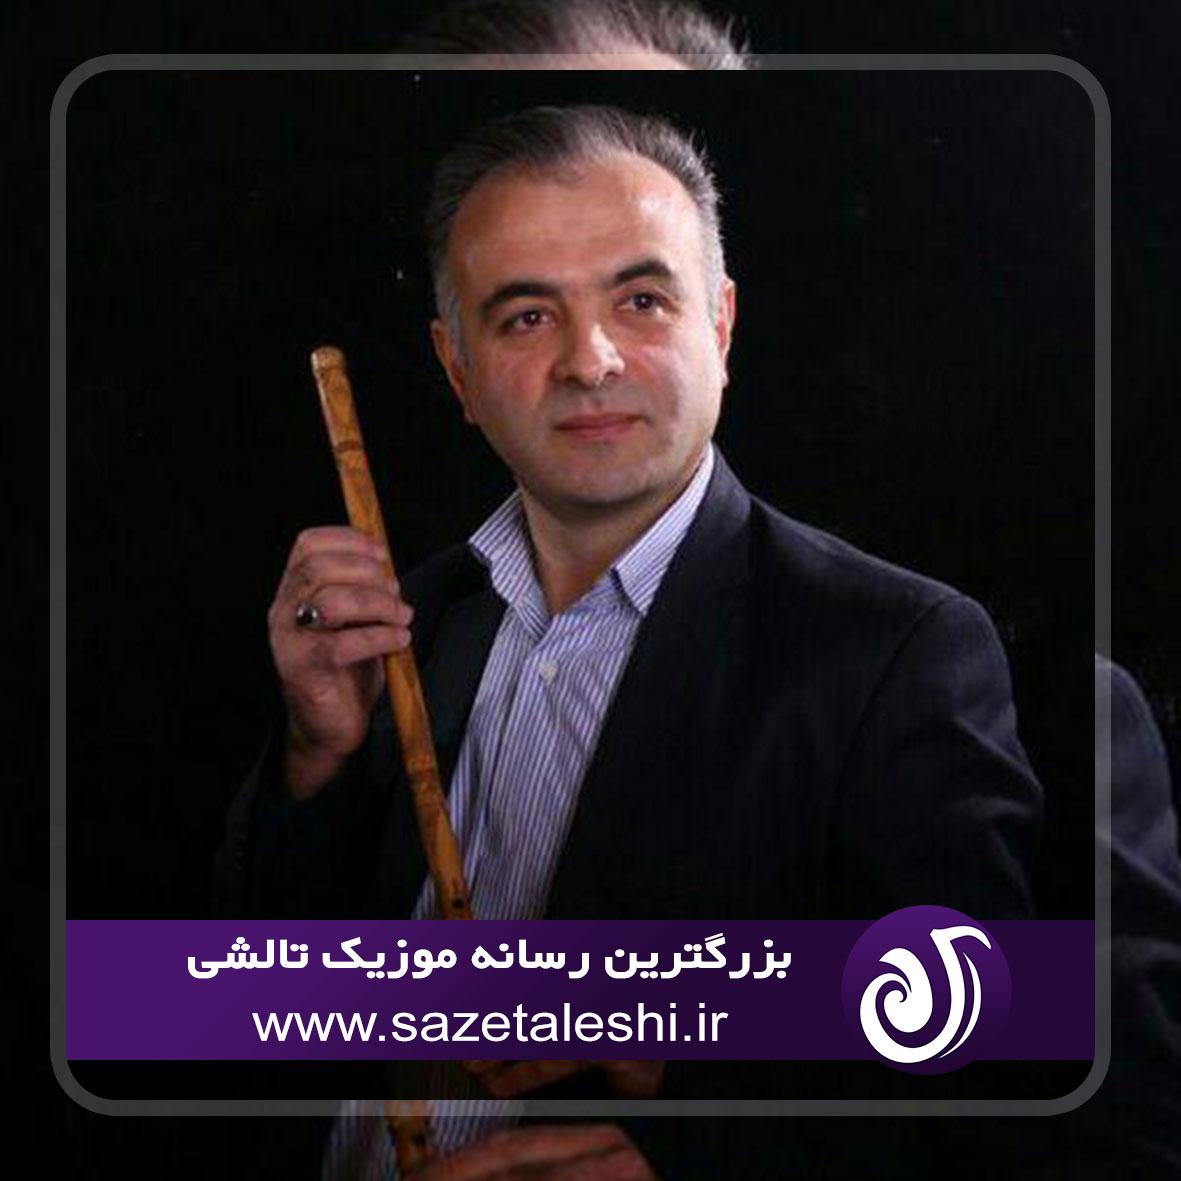 نی نوازی تالشی (۲) با هنرمندی شهرام جمال